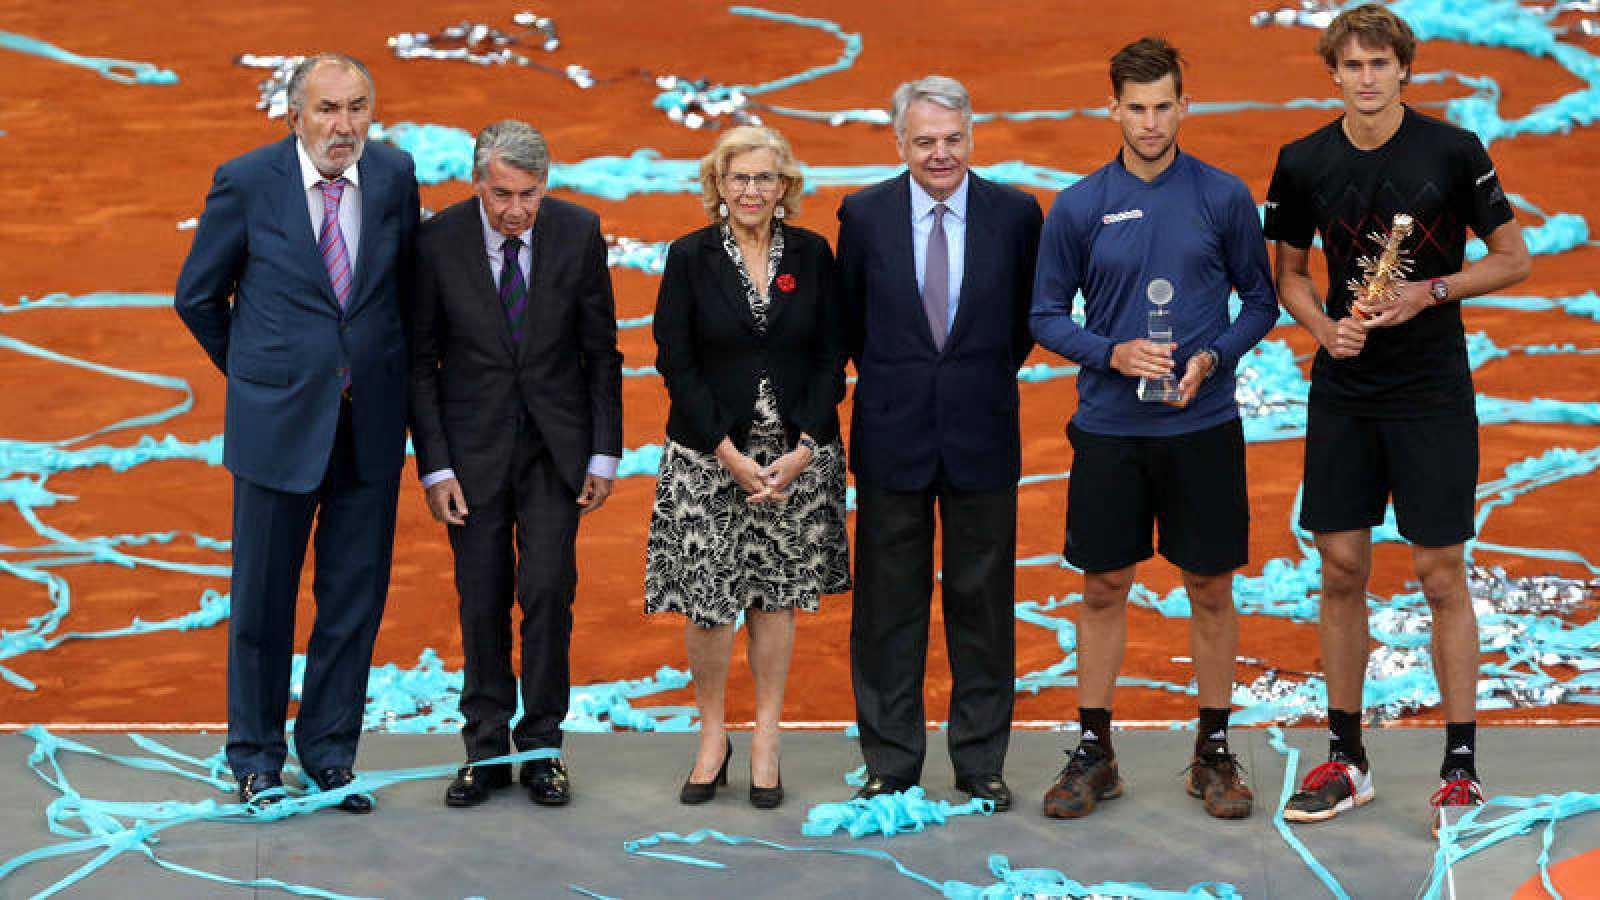 Entrega de trofeos del Madrid Open 2018 con el propietario del torneo, Ion Tiriac, a la izquierda y la alcaldesa de Madrid, Manuela Carmena, en el centro.